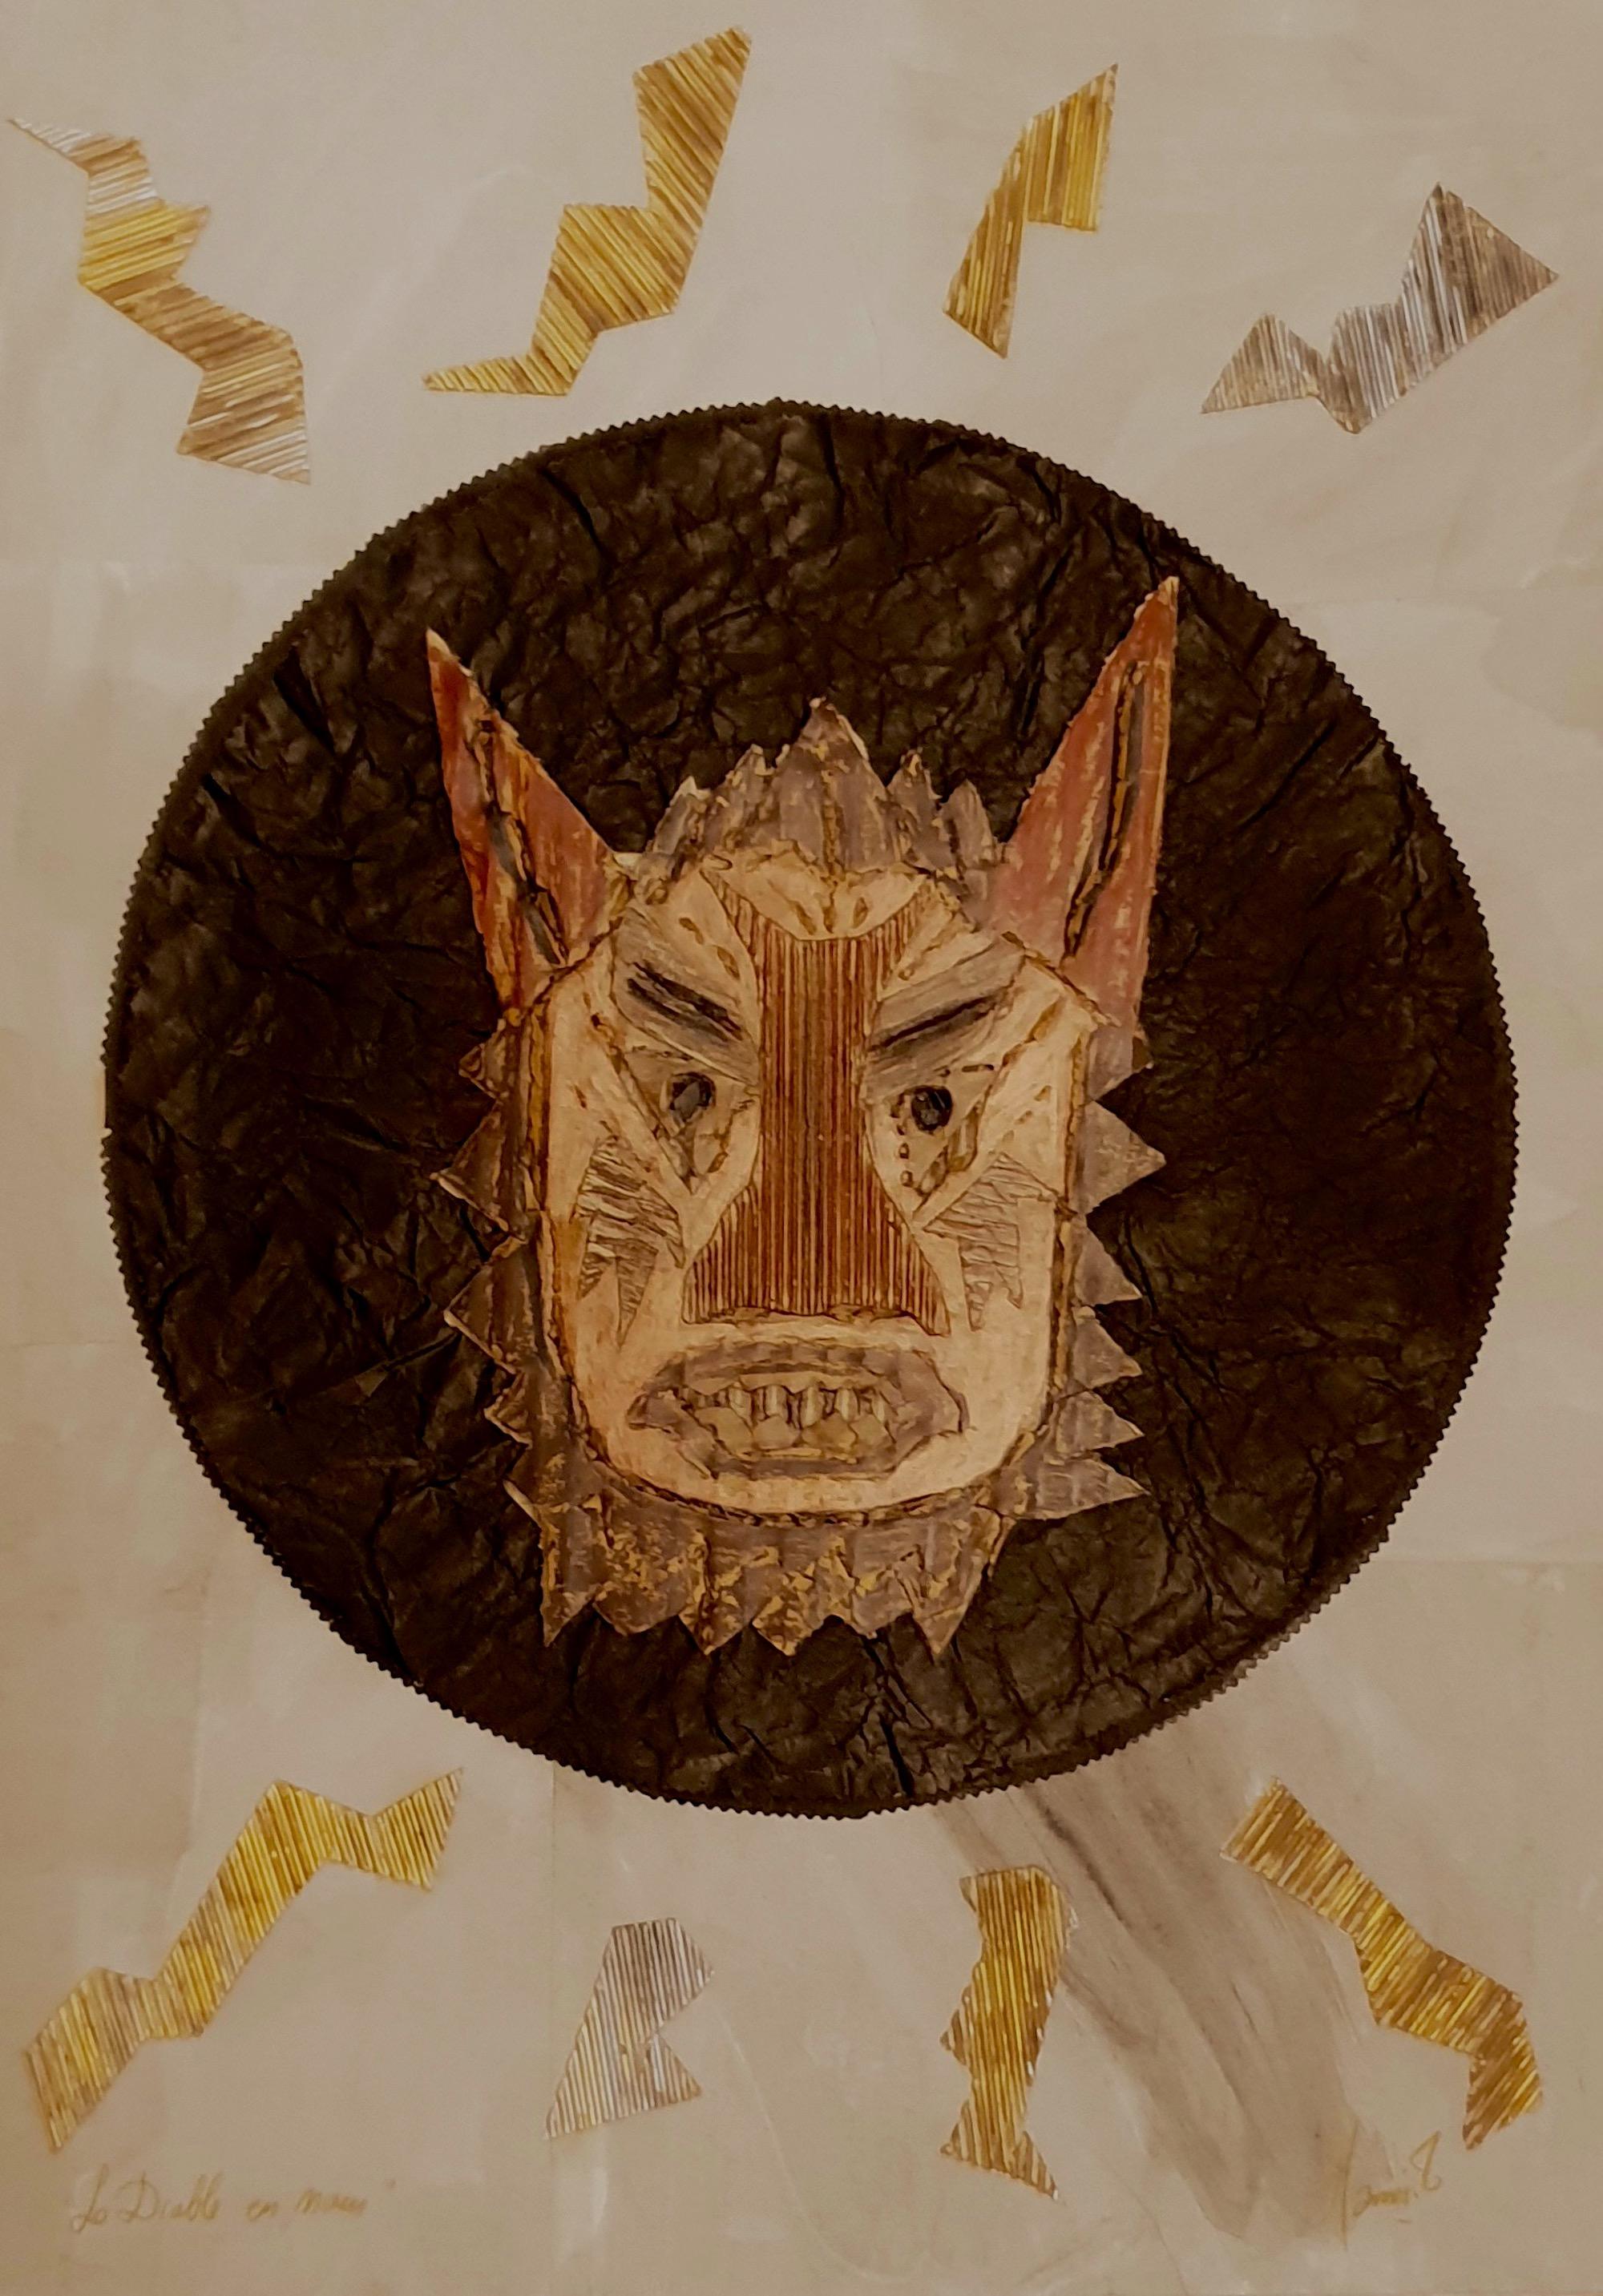 MAMI / Images et Poésie, Le Diable en Nous